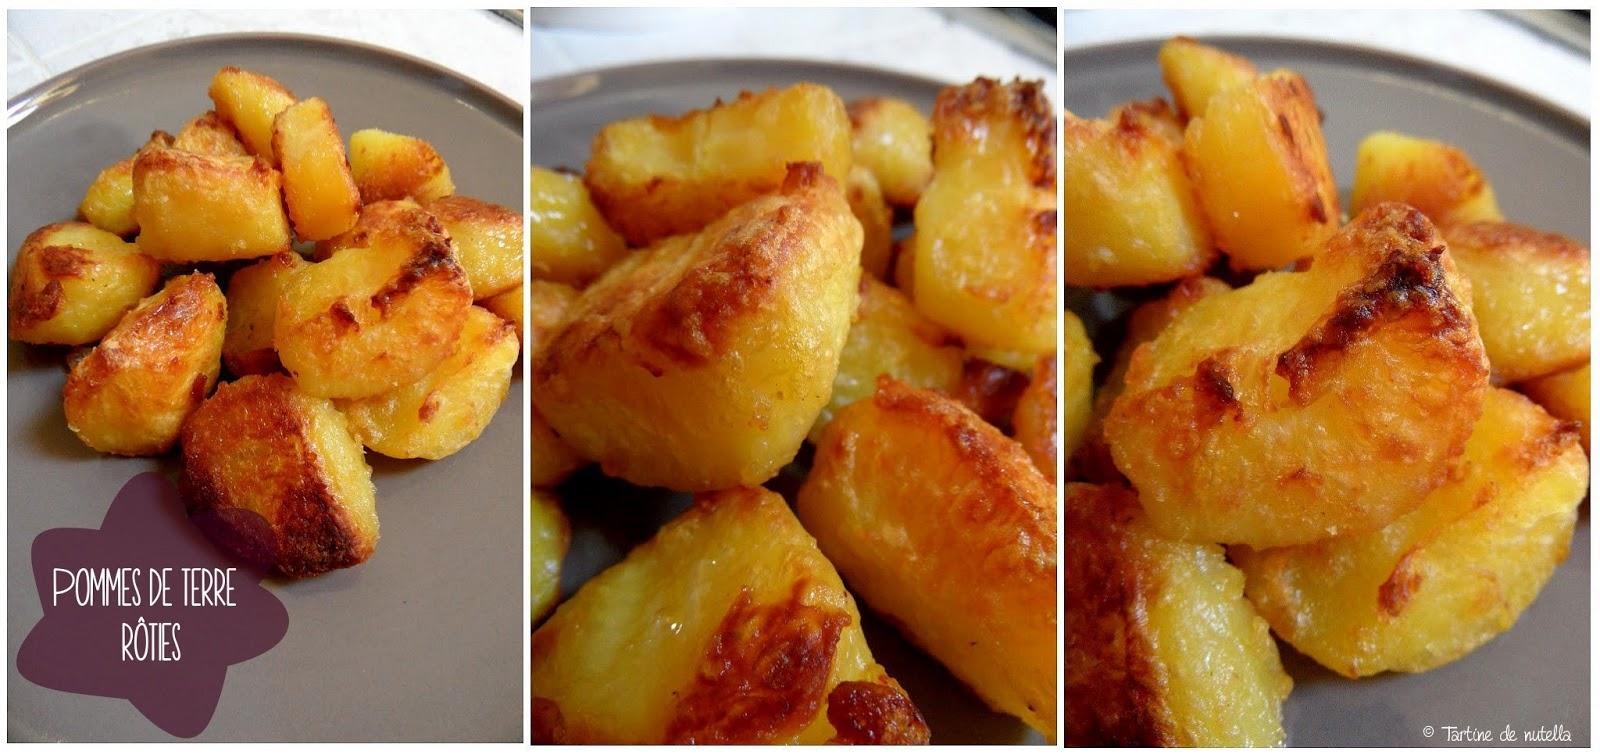 Pommes de terre r ties fa on pascale weeks food addict - Pomme de terre au beurre ...